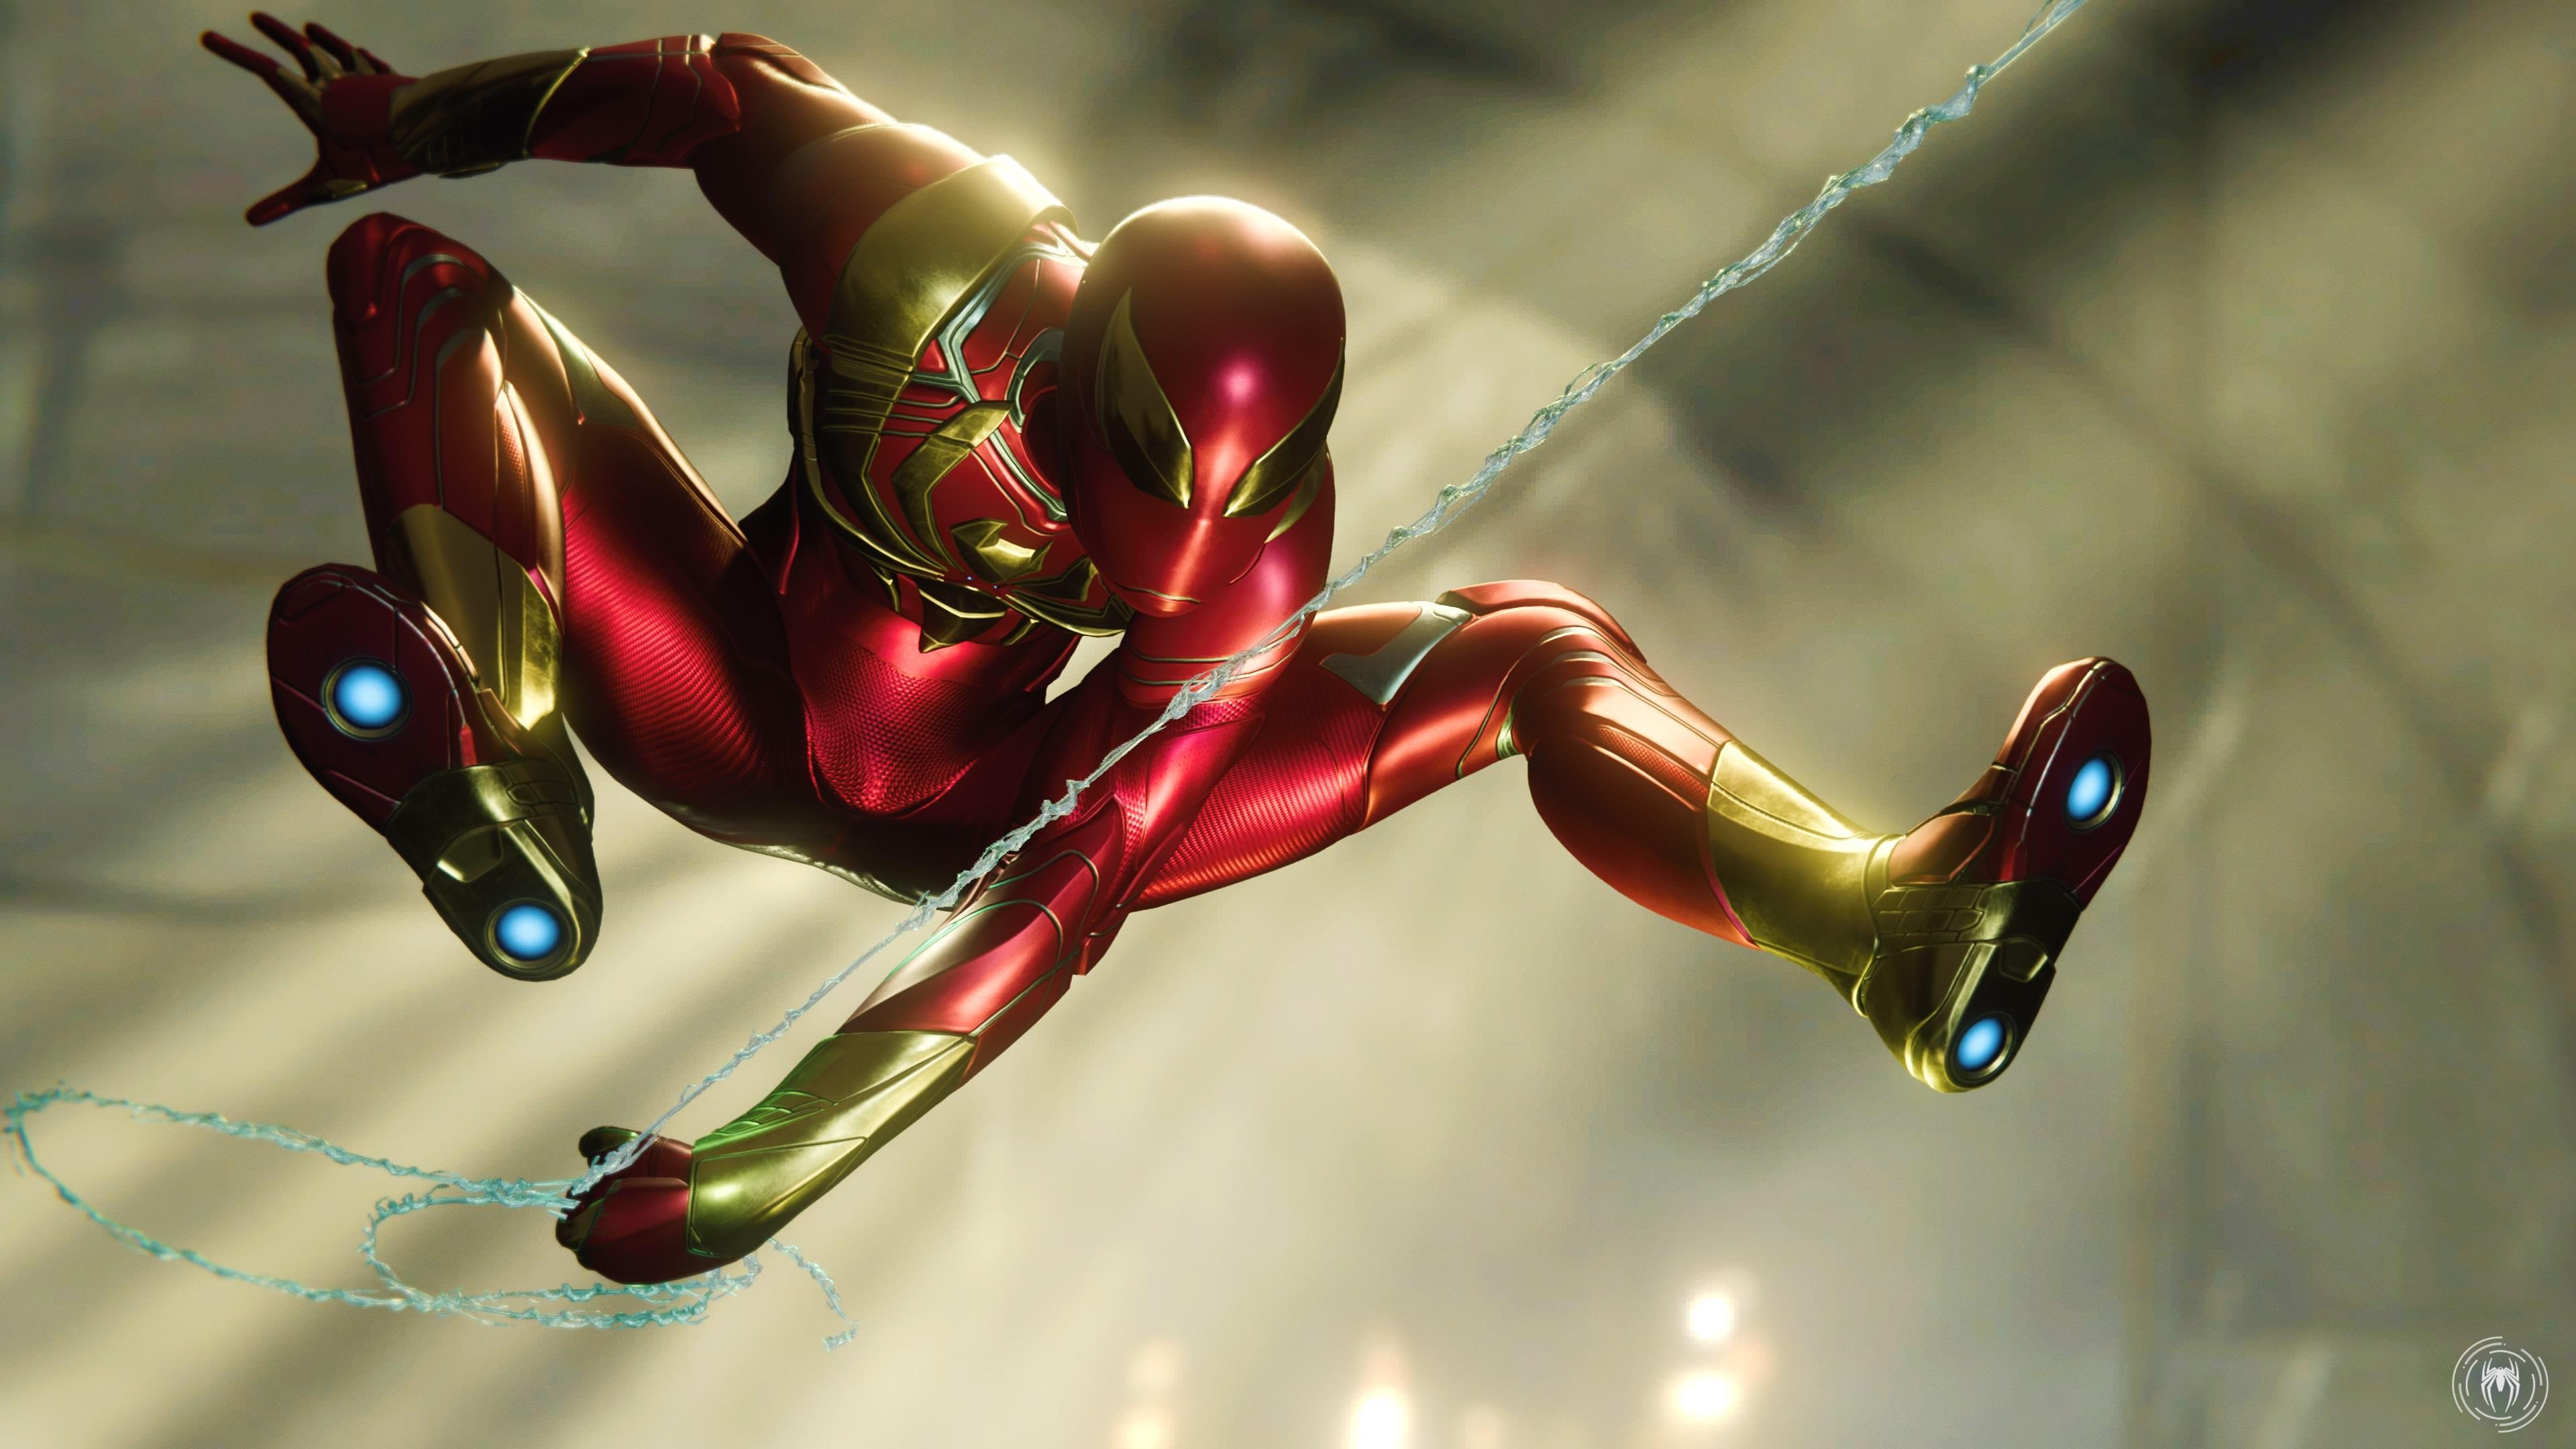 Iron Spider Man 4k Wallpaper